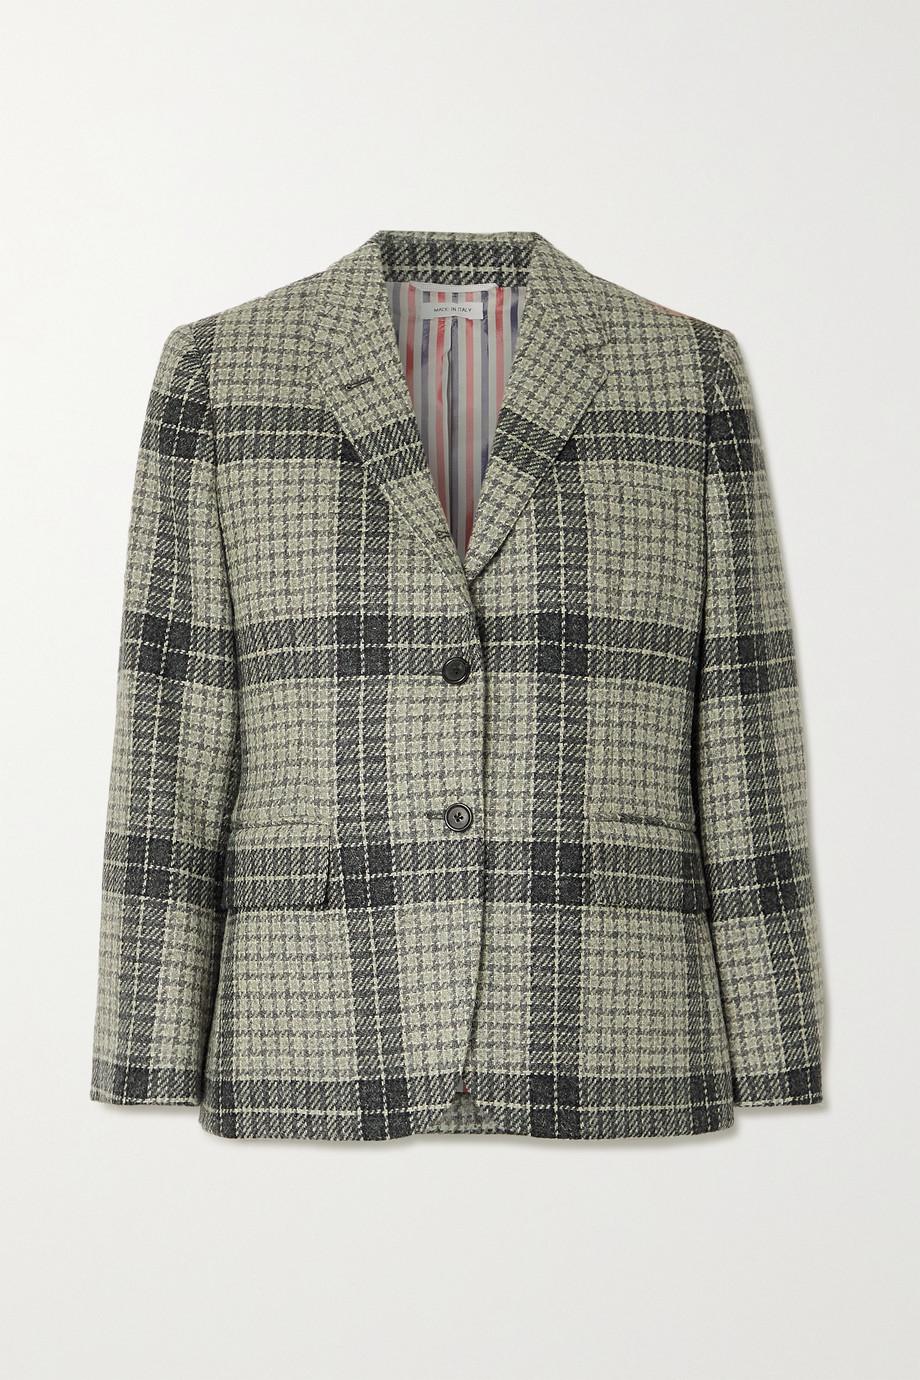 Thom Browne Blazer en tweed de laine à carreaux